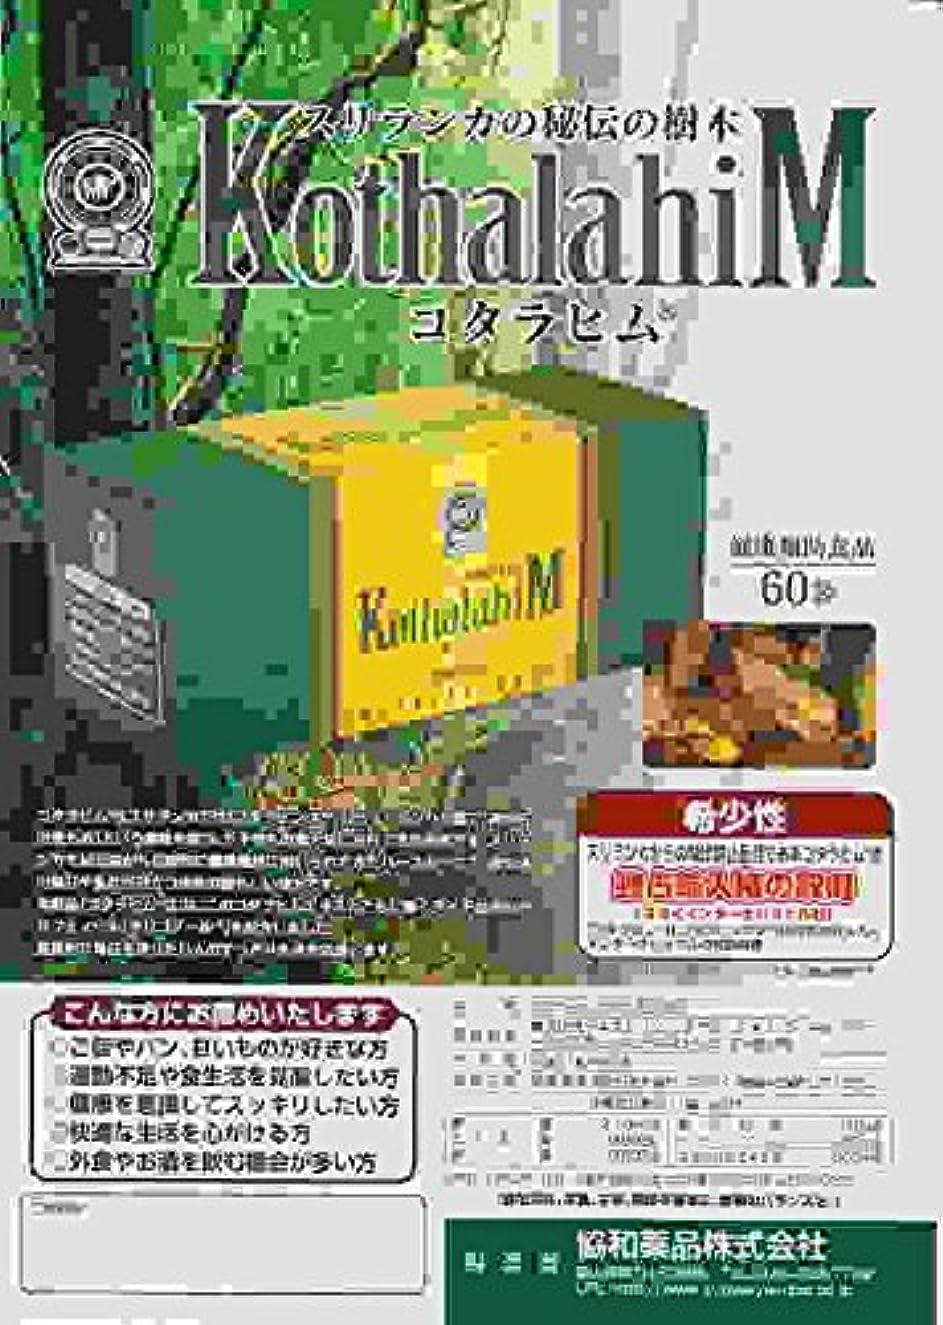 会計士乳剤ピカリングコタラヒム60袋